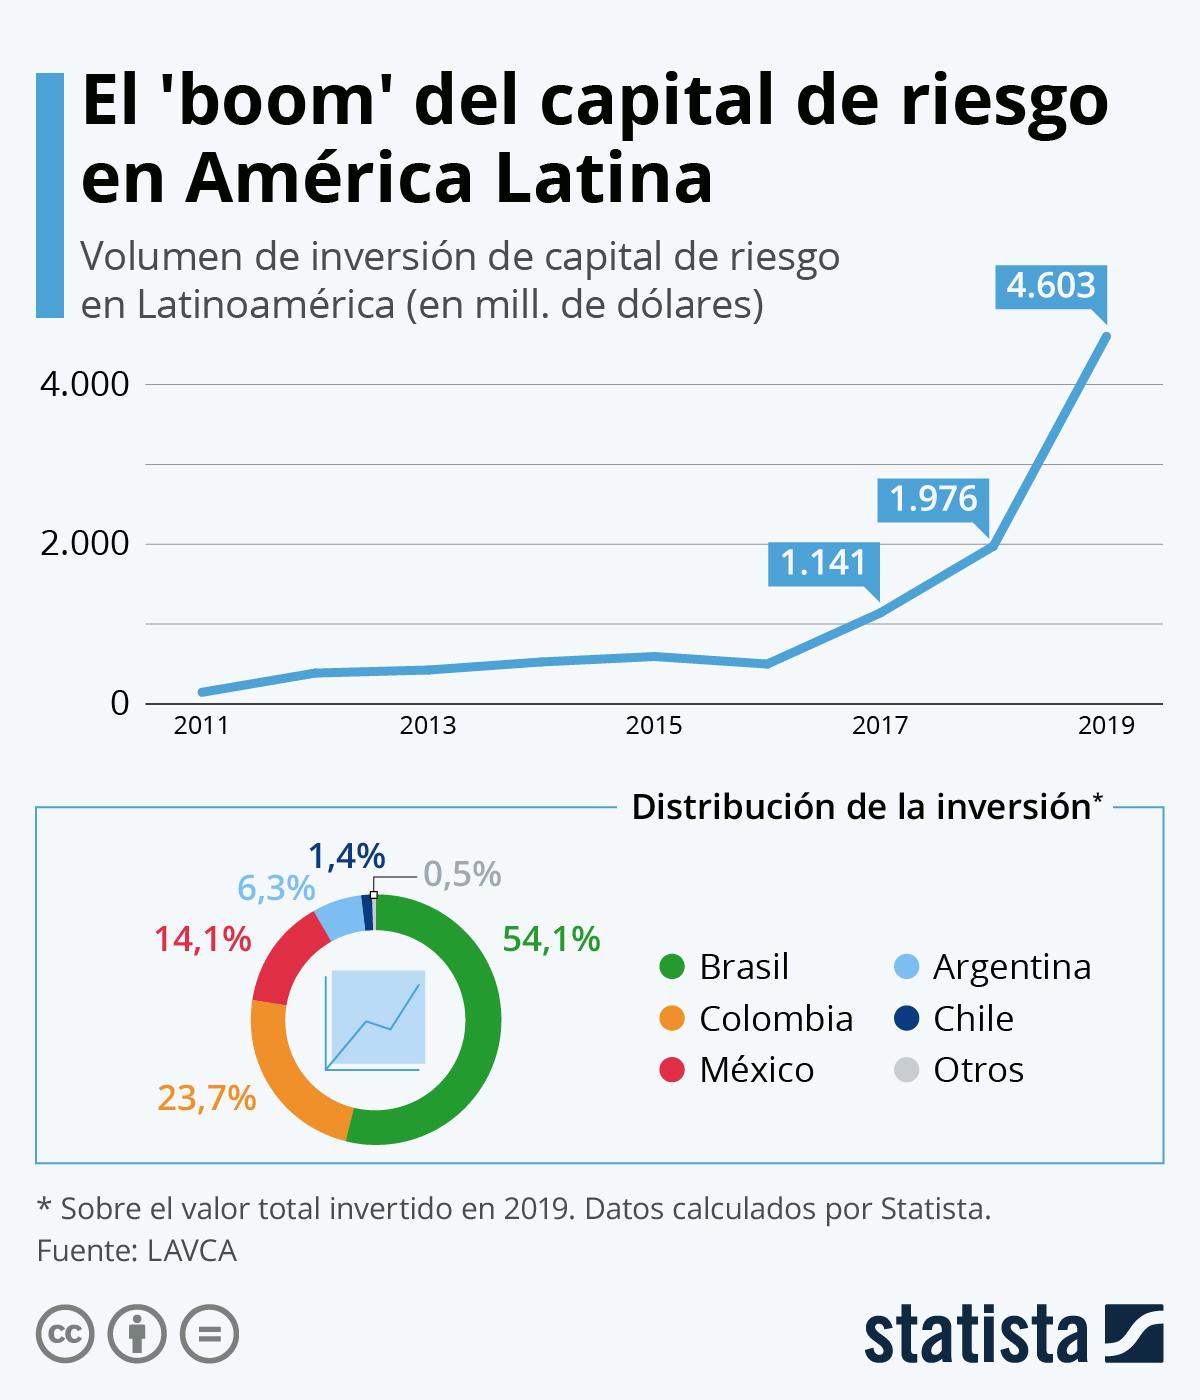 Infografía: El 'boom' del capital de riesgo en América Latina   Statista